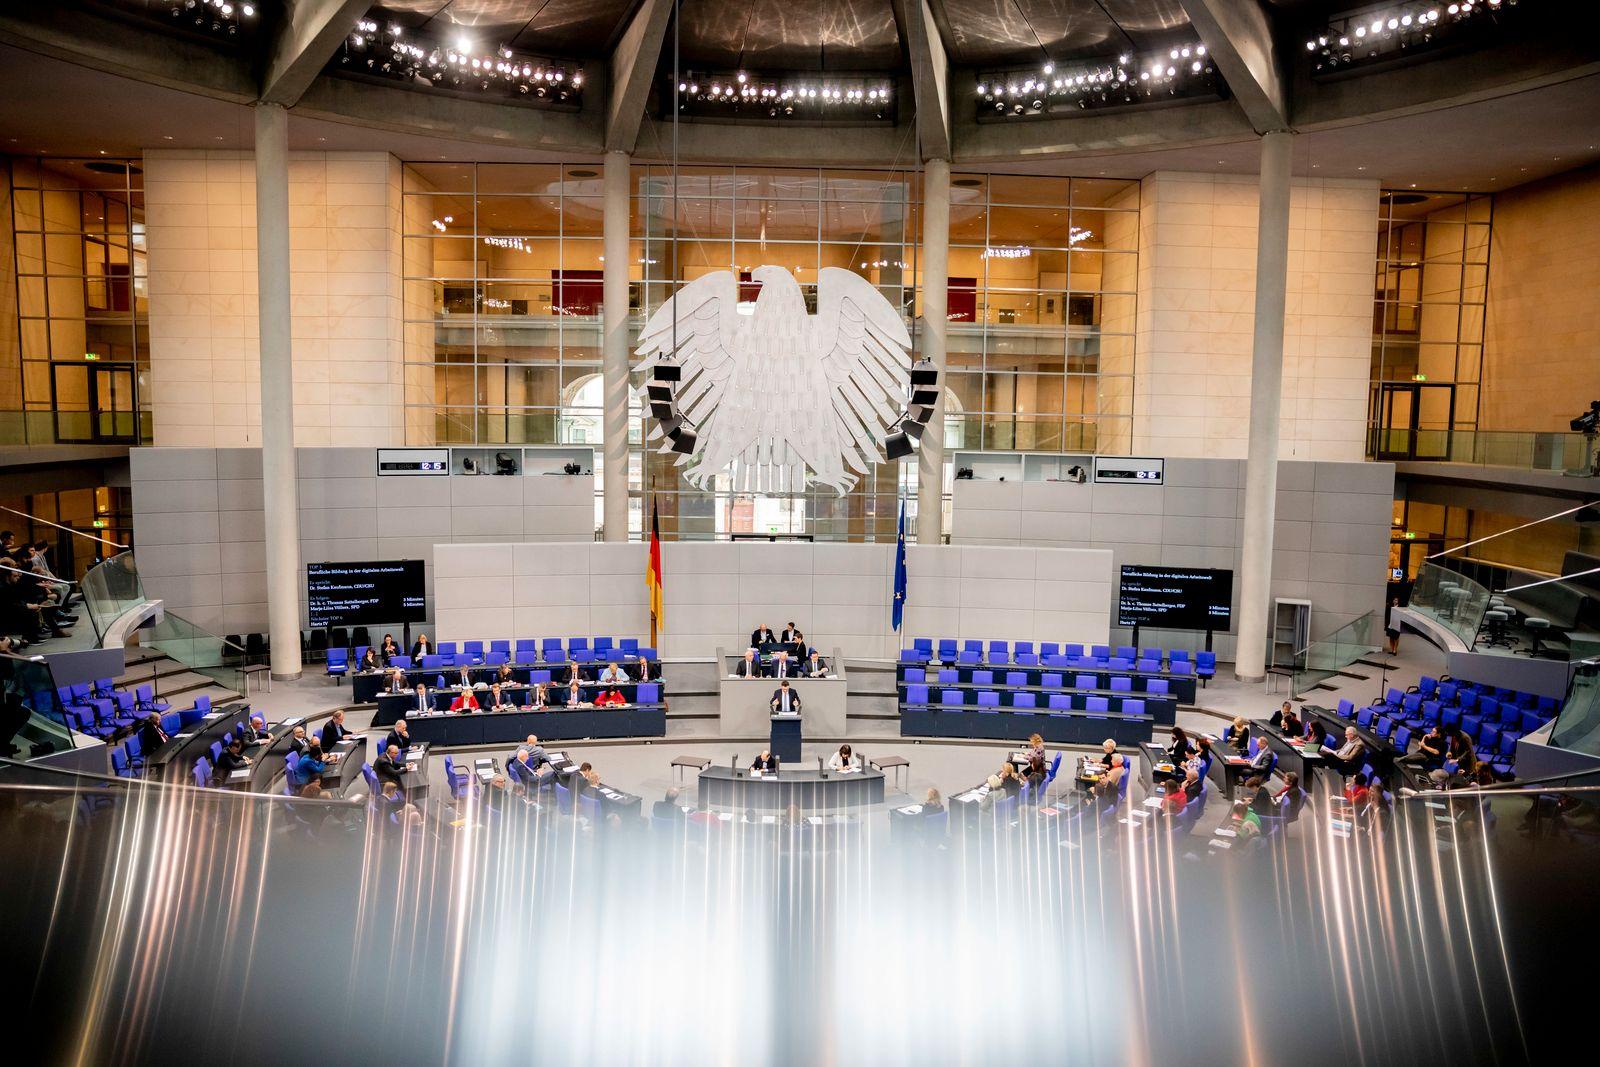 Gastkommentar/ Belastung von Politikern/ Bundestag